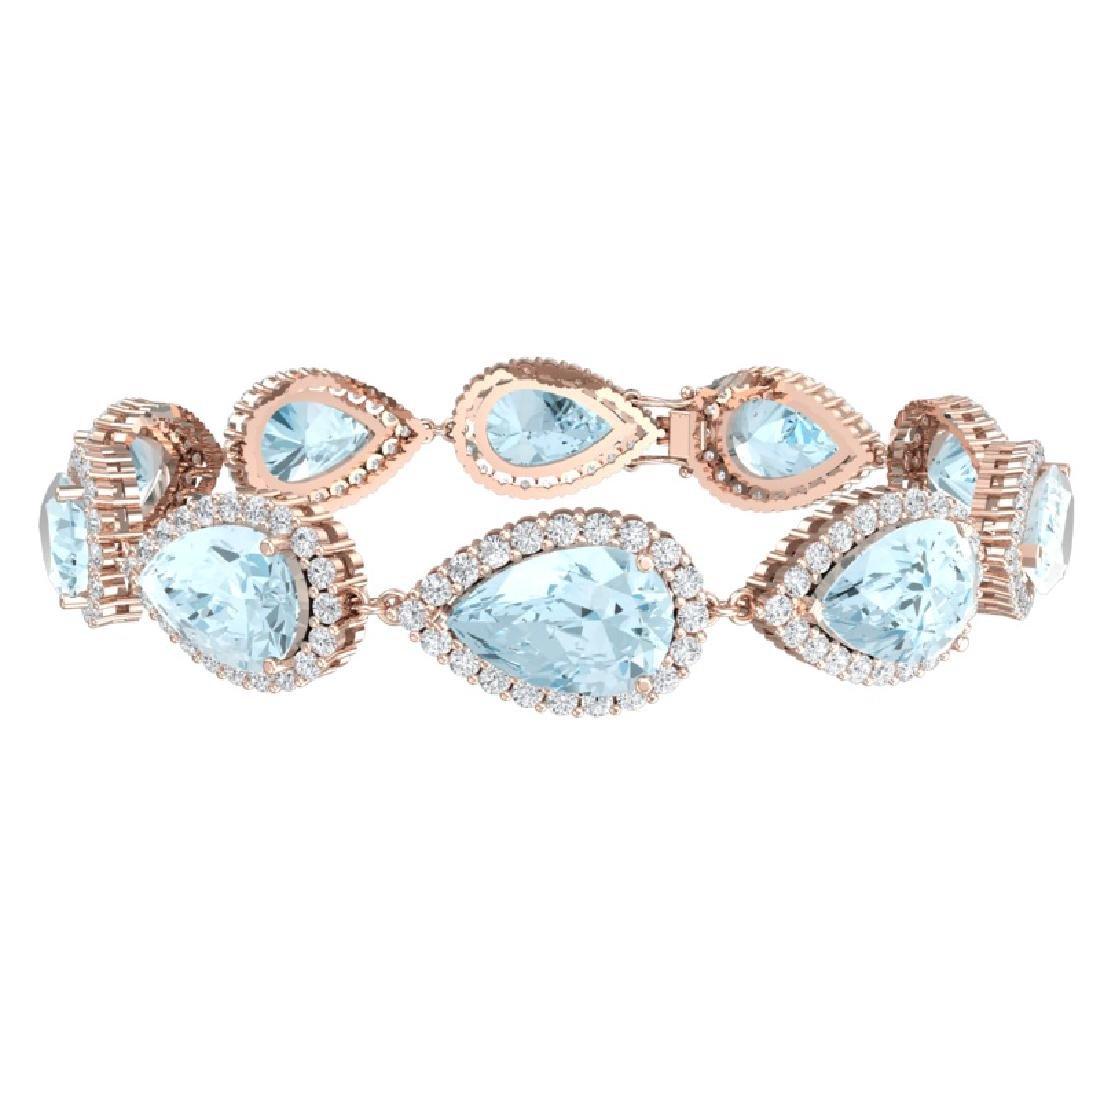 41.87 CTW Royalty Sky Topaz & VS Diamond Bracelet 18K - 3